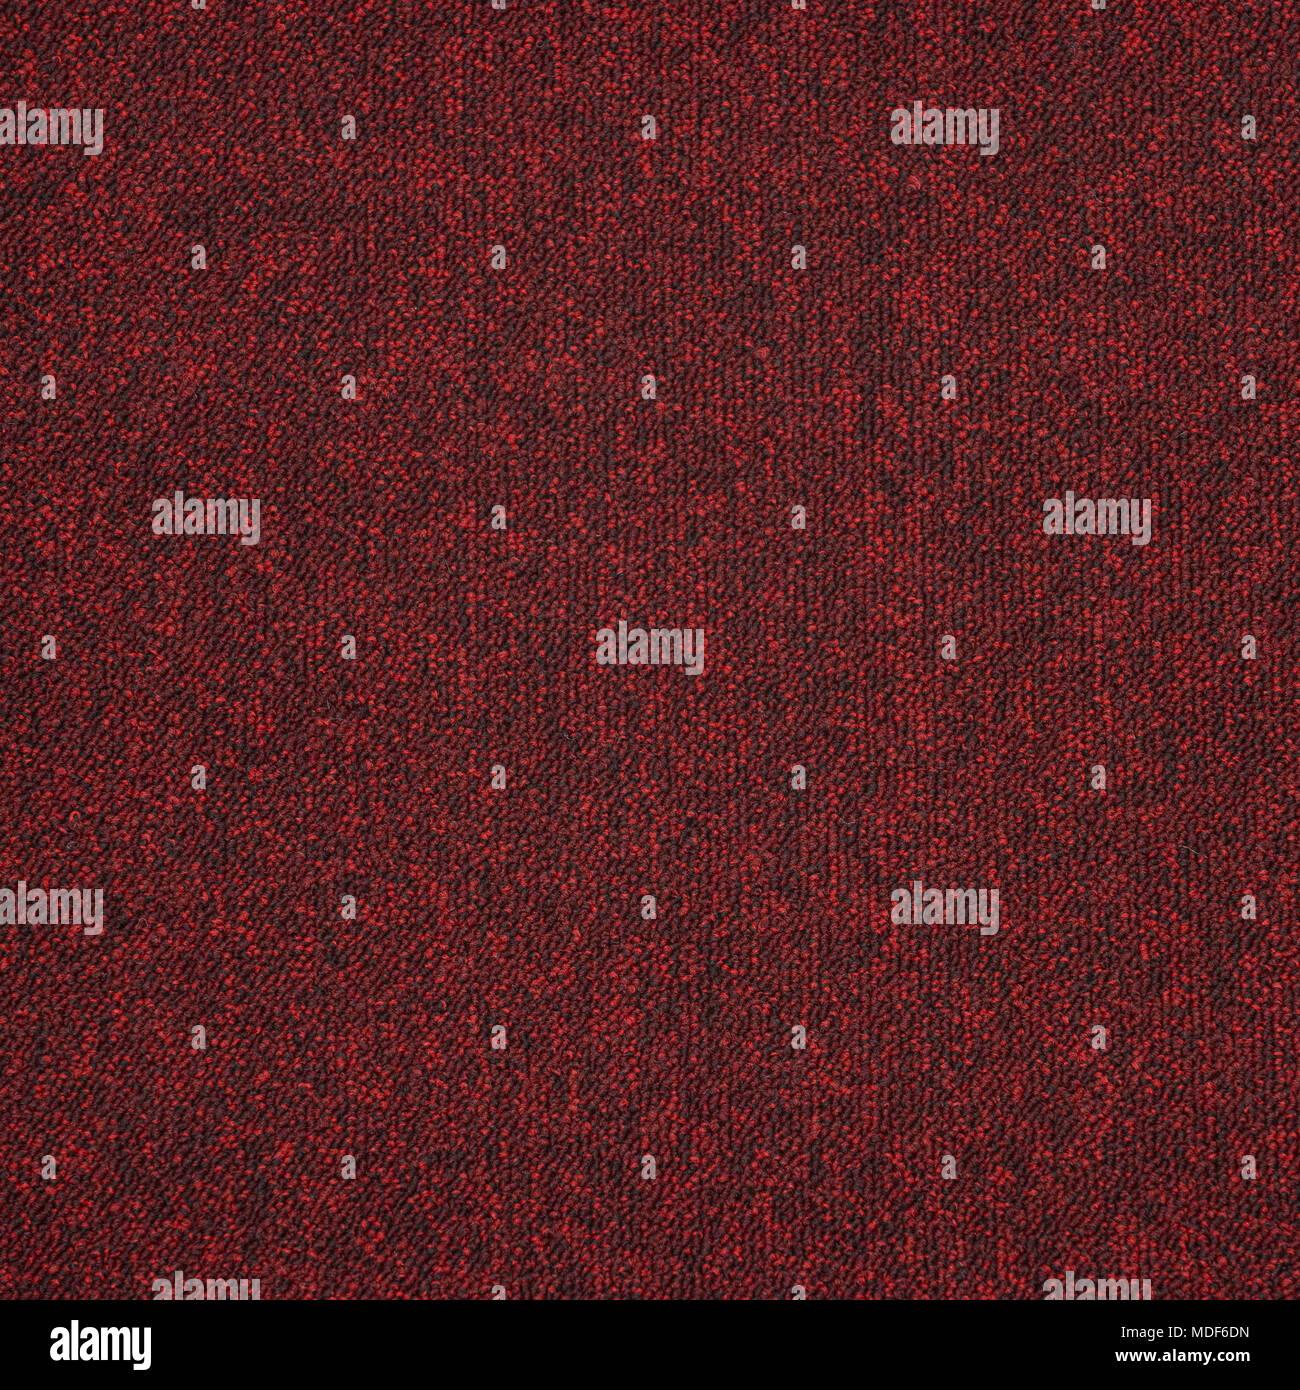 carpet tiles texture. Coloured Carpet Tiles - Textures Carpet Tiles Texture T